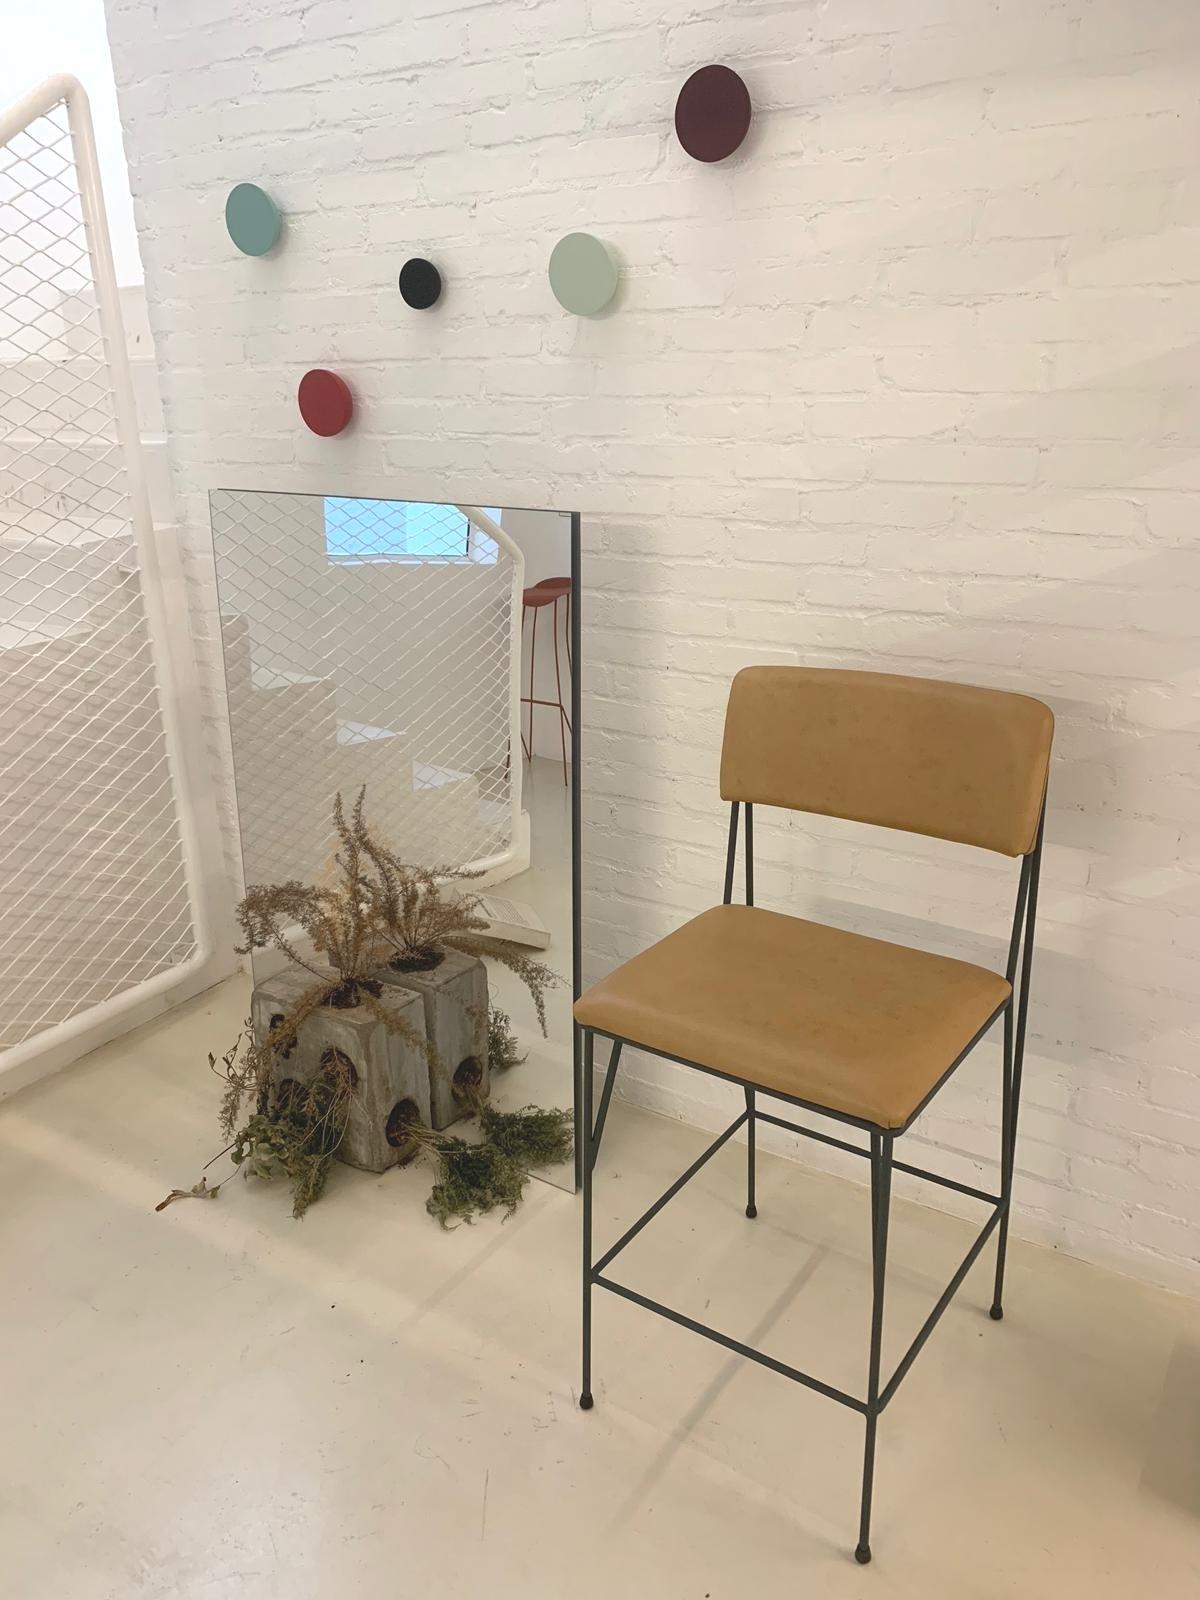 Banqueta Paper / Cremme, bar stool